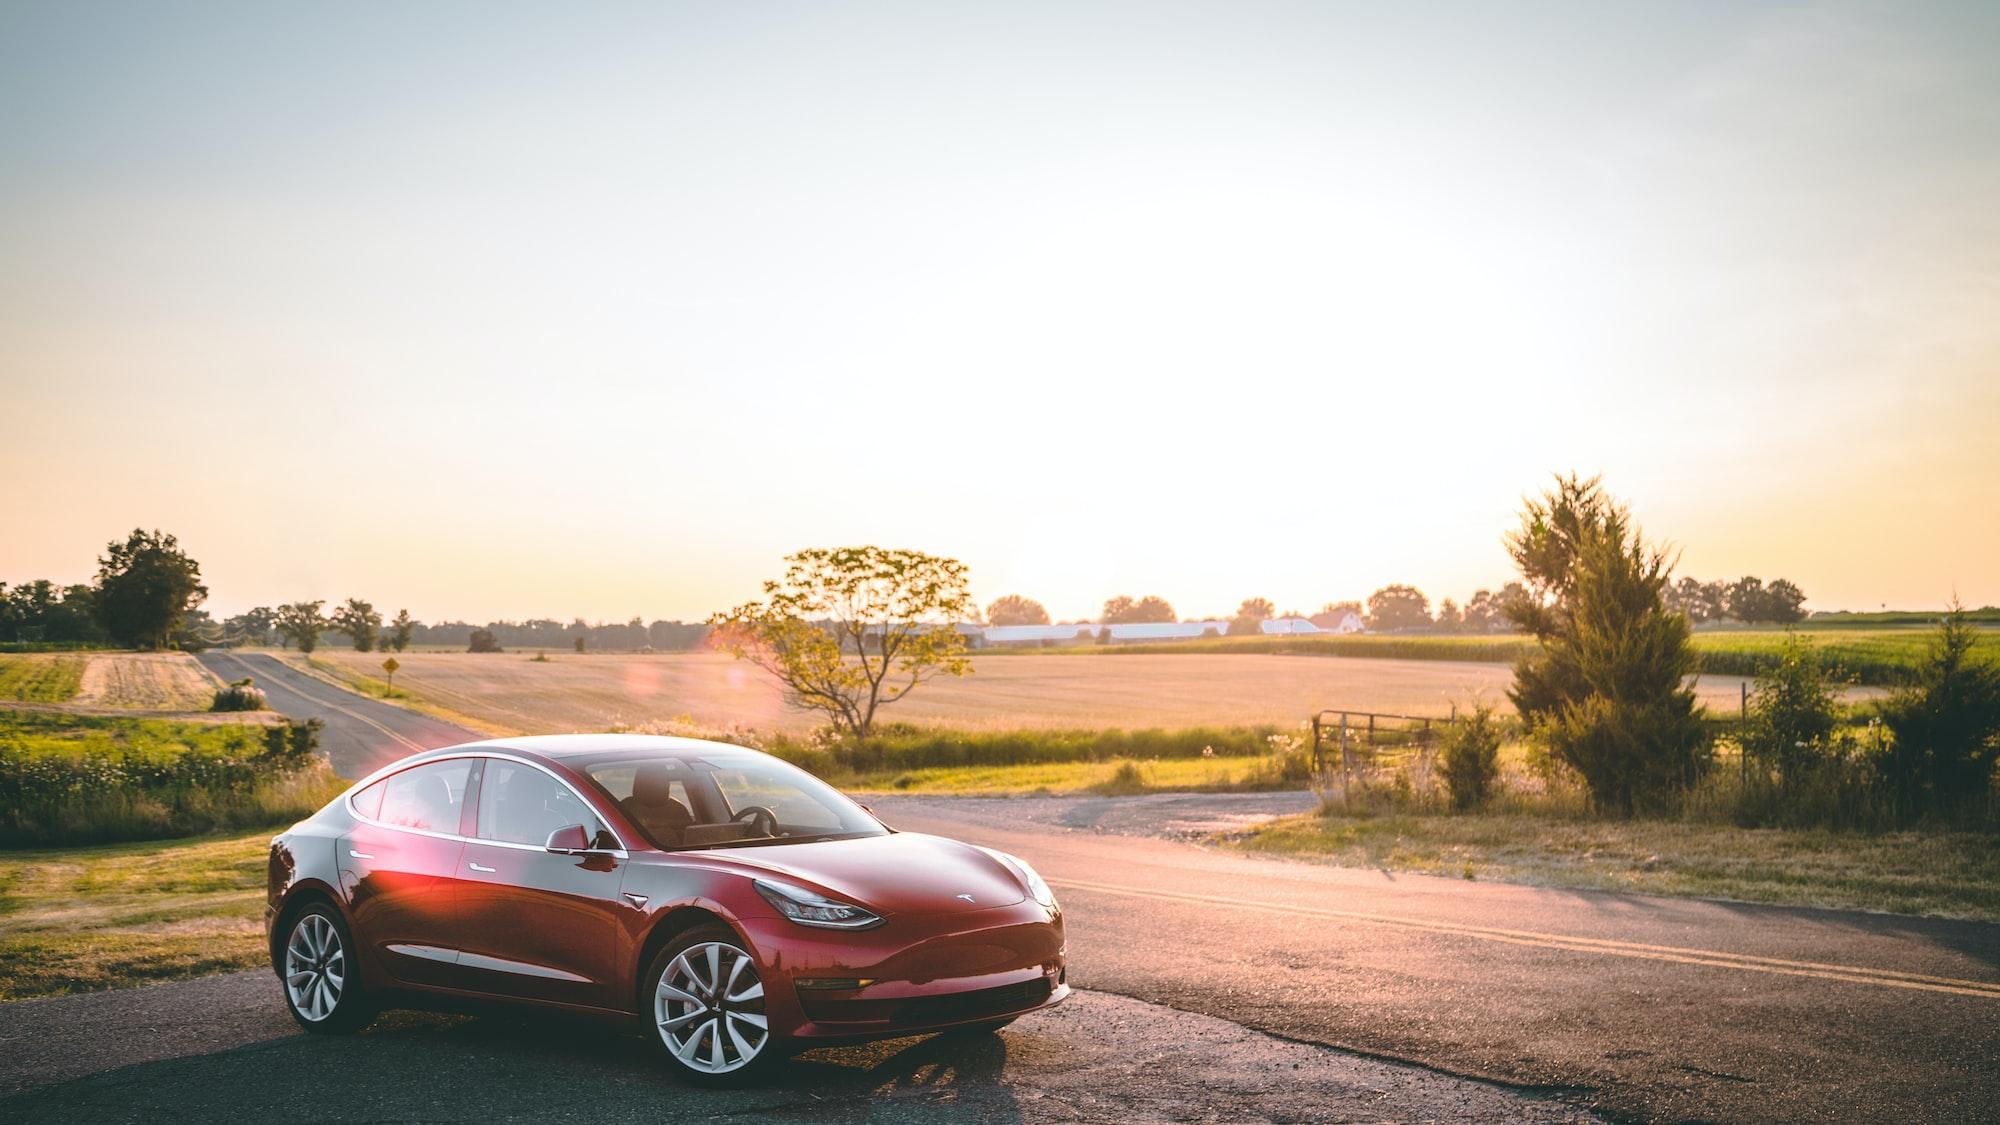 WIP: 🚘 Tesla's biggest threat